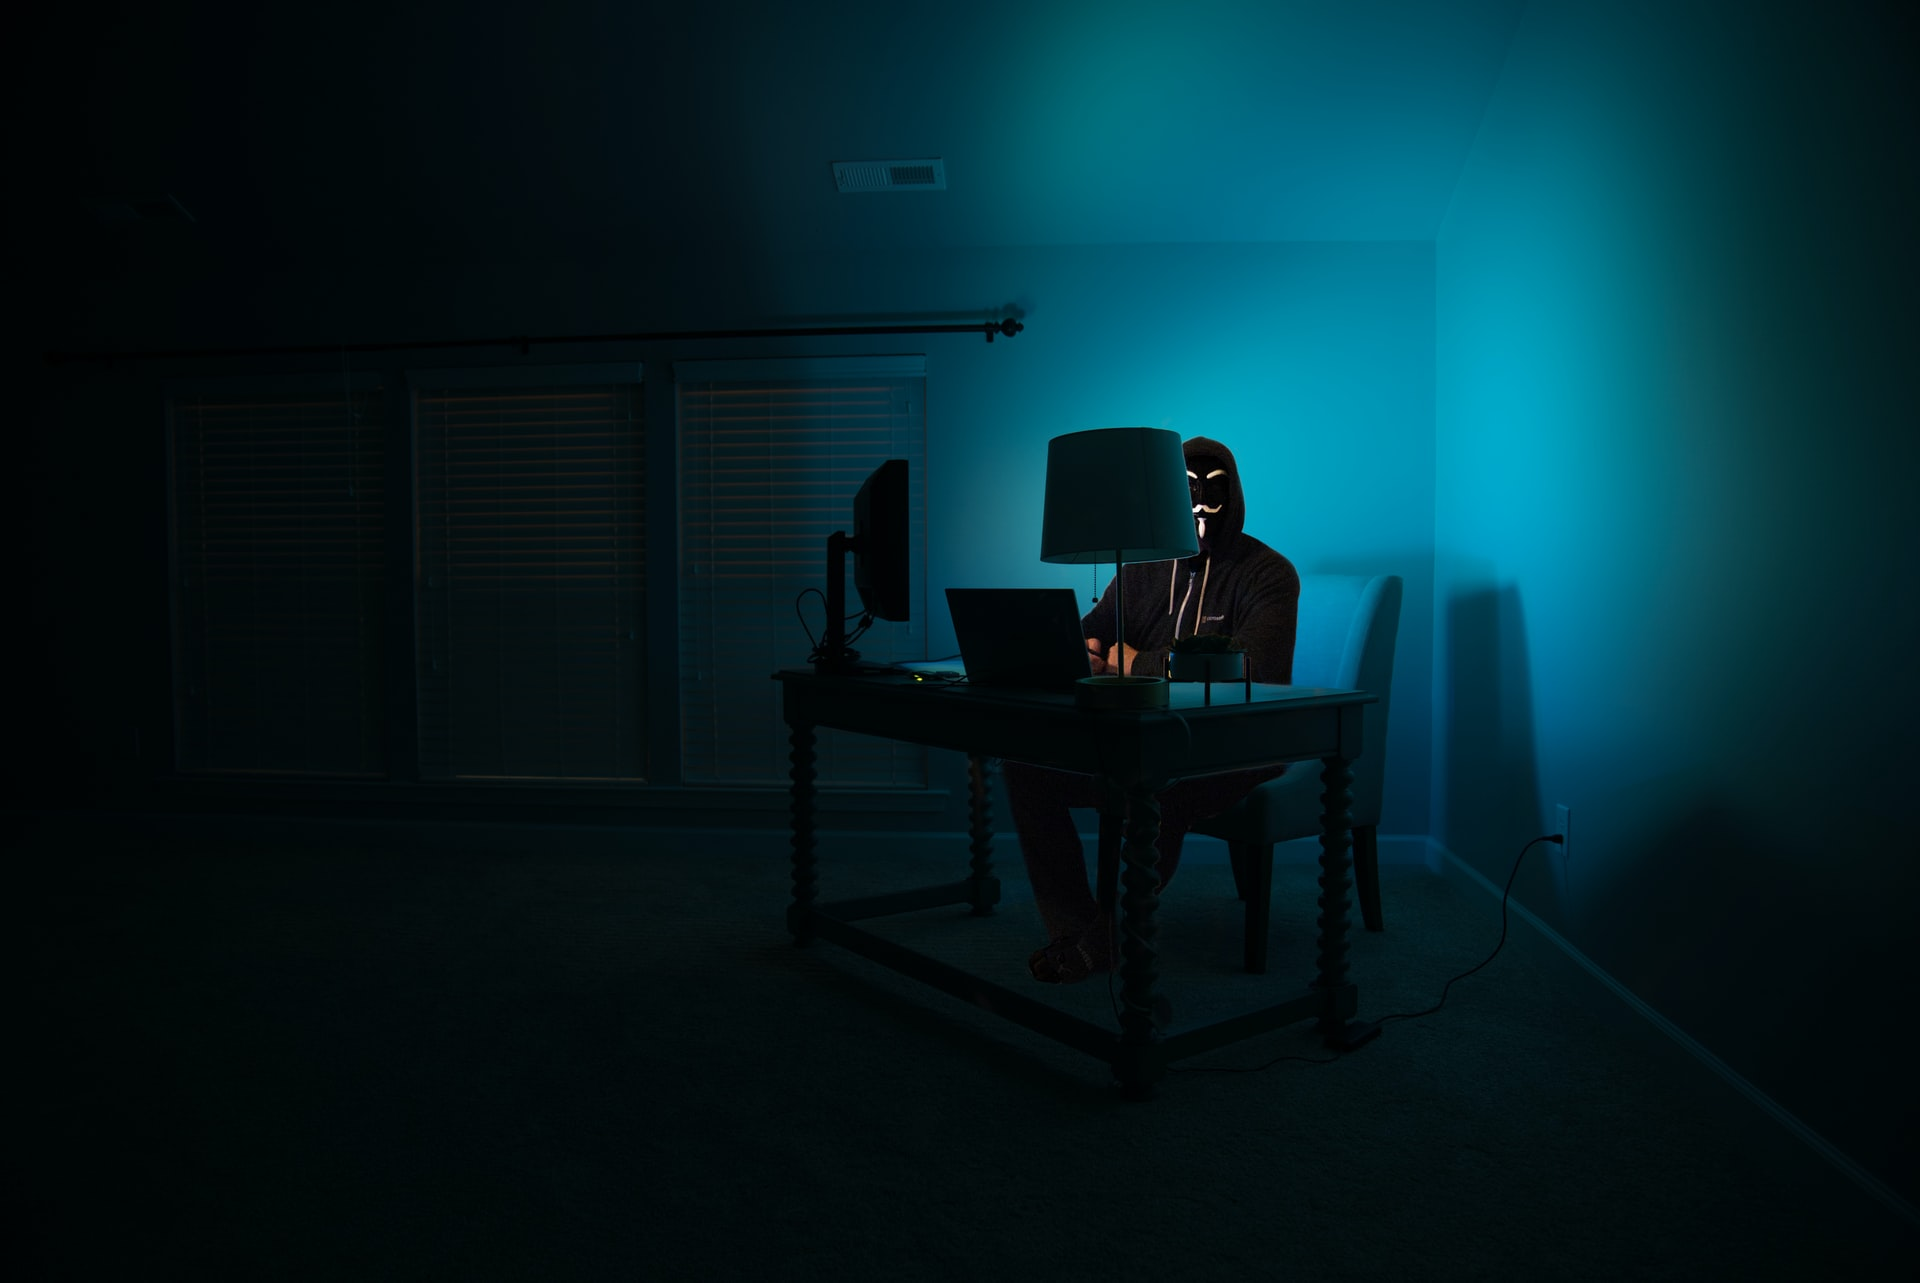 incremento de ciberataques